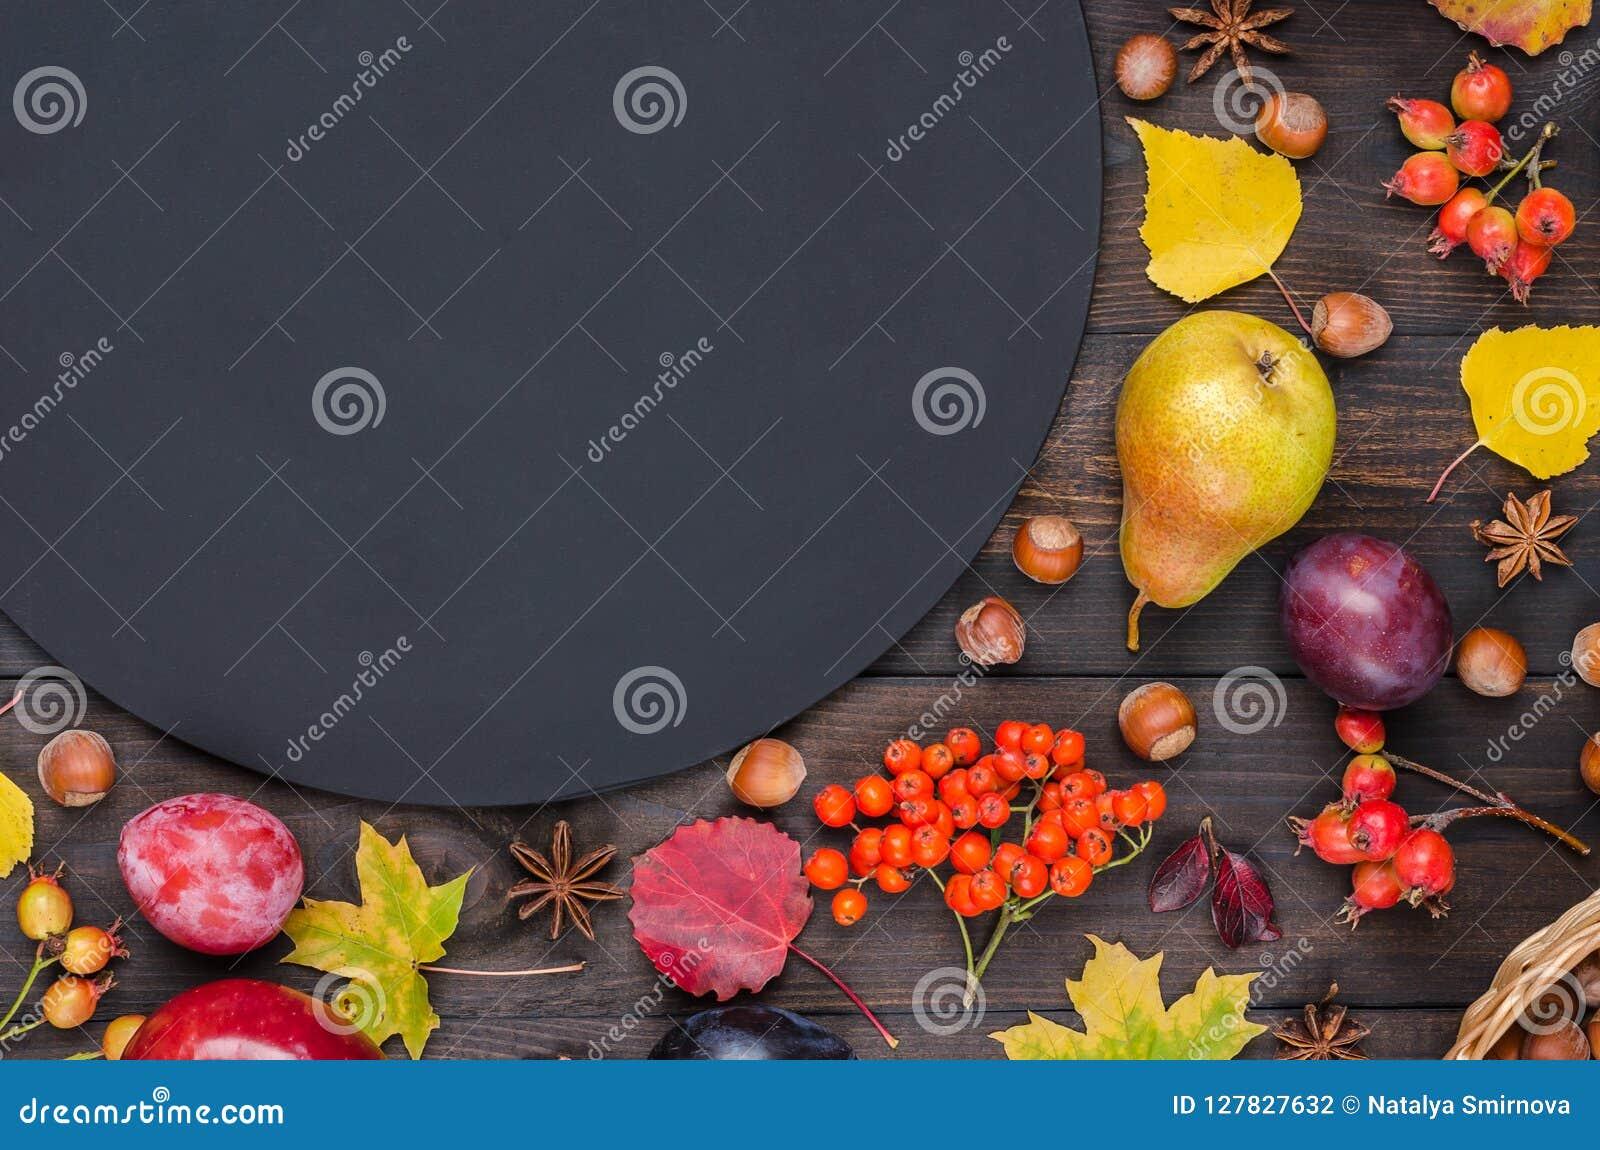 Fond D'automne Avec Un Tableau Photo stock - Image du automne, avec: 127827632